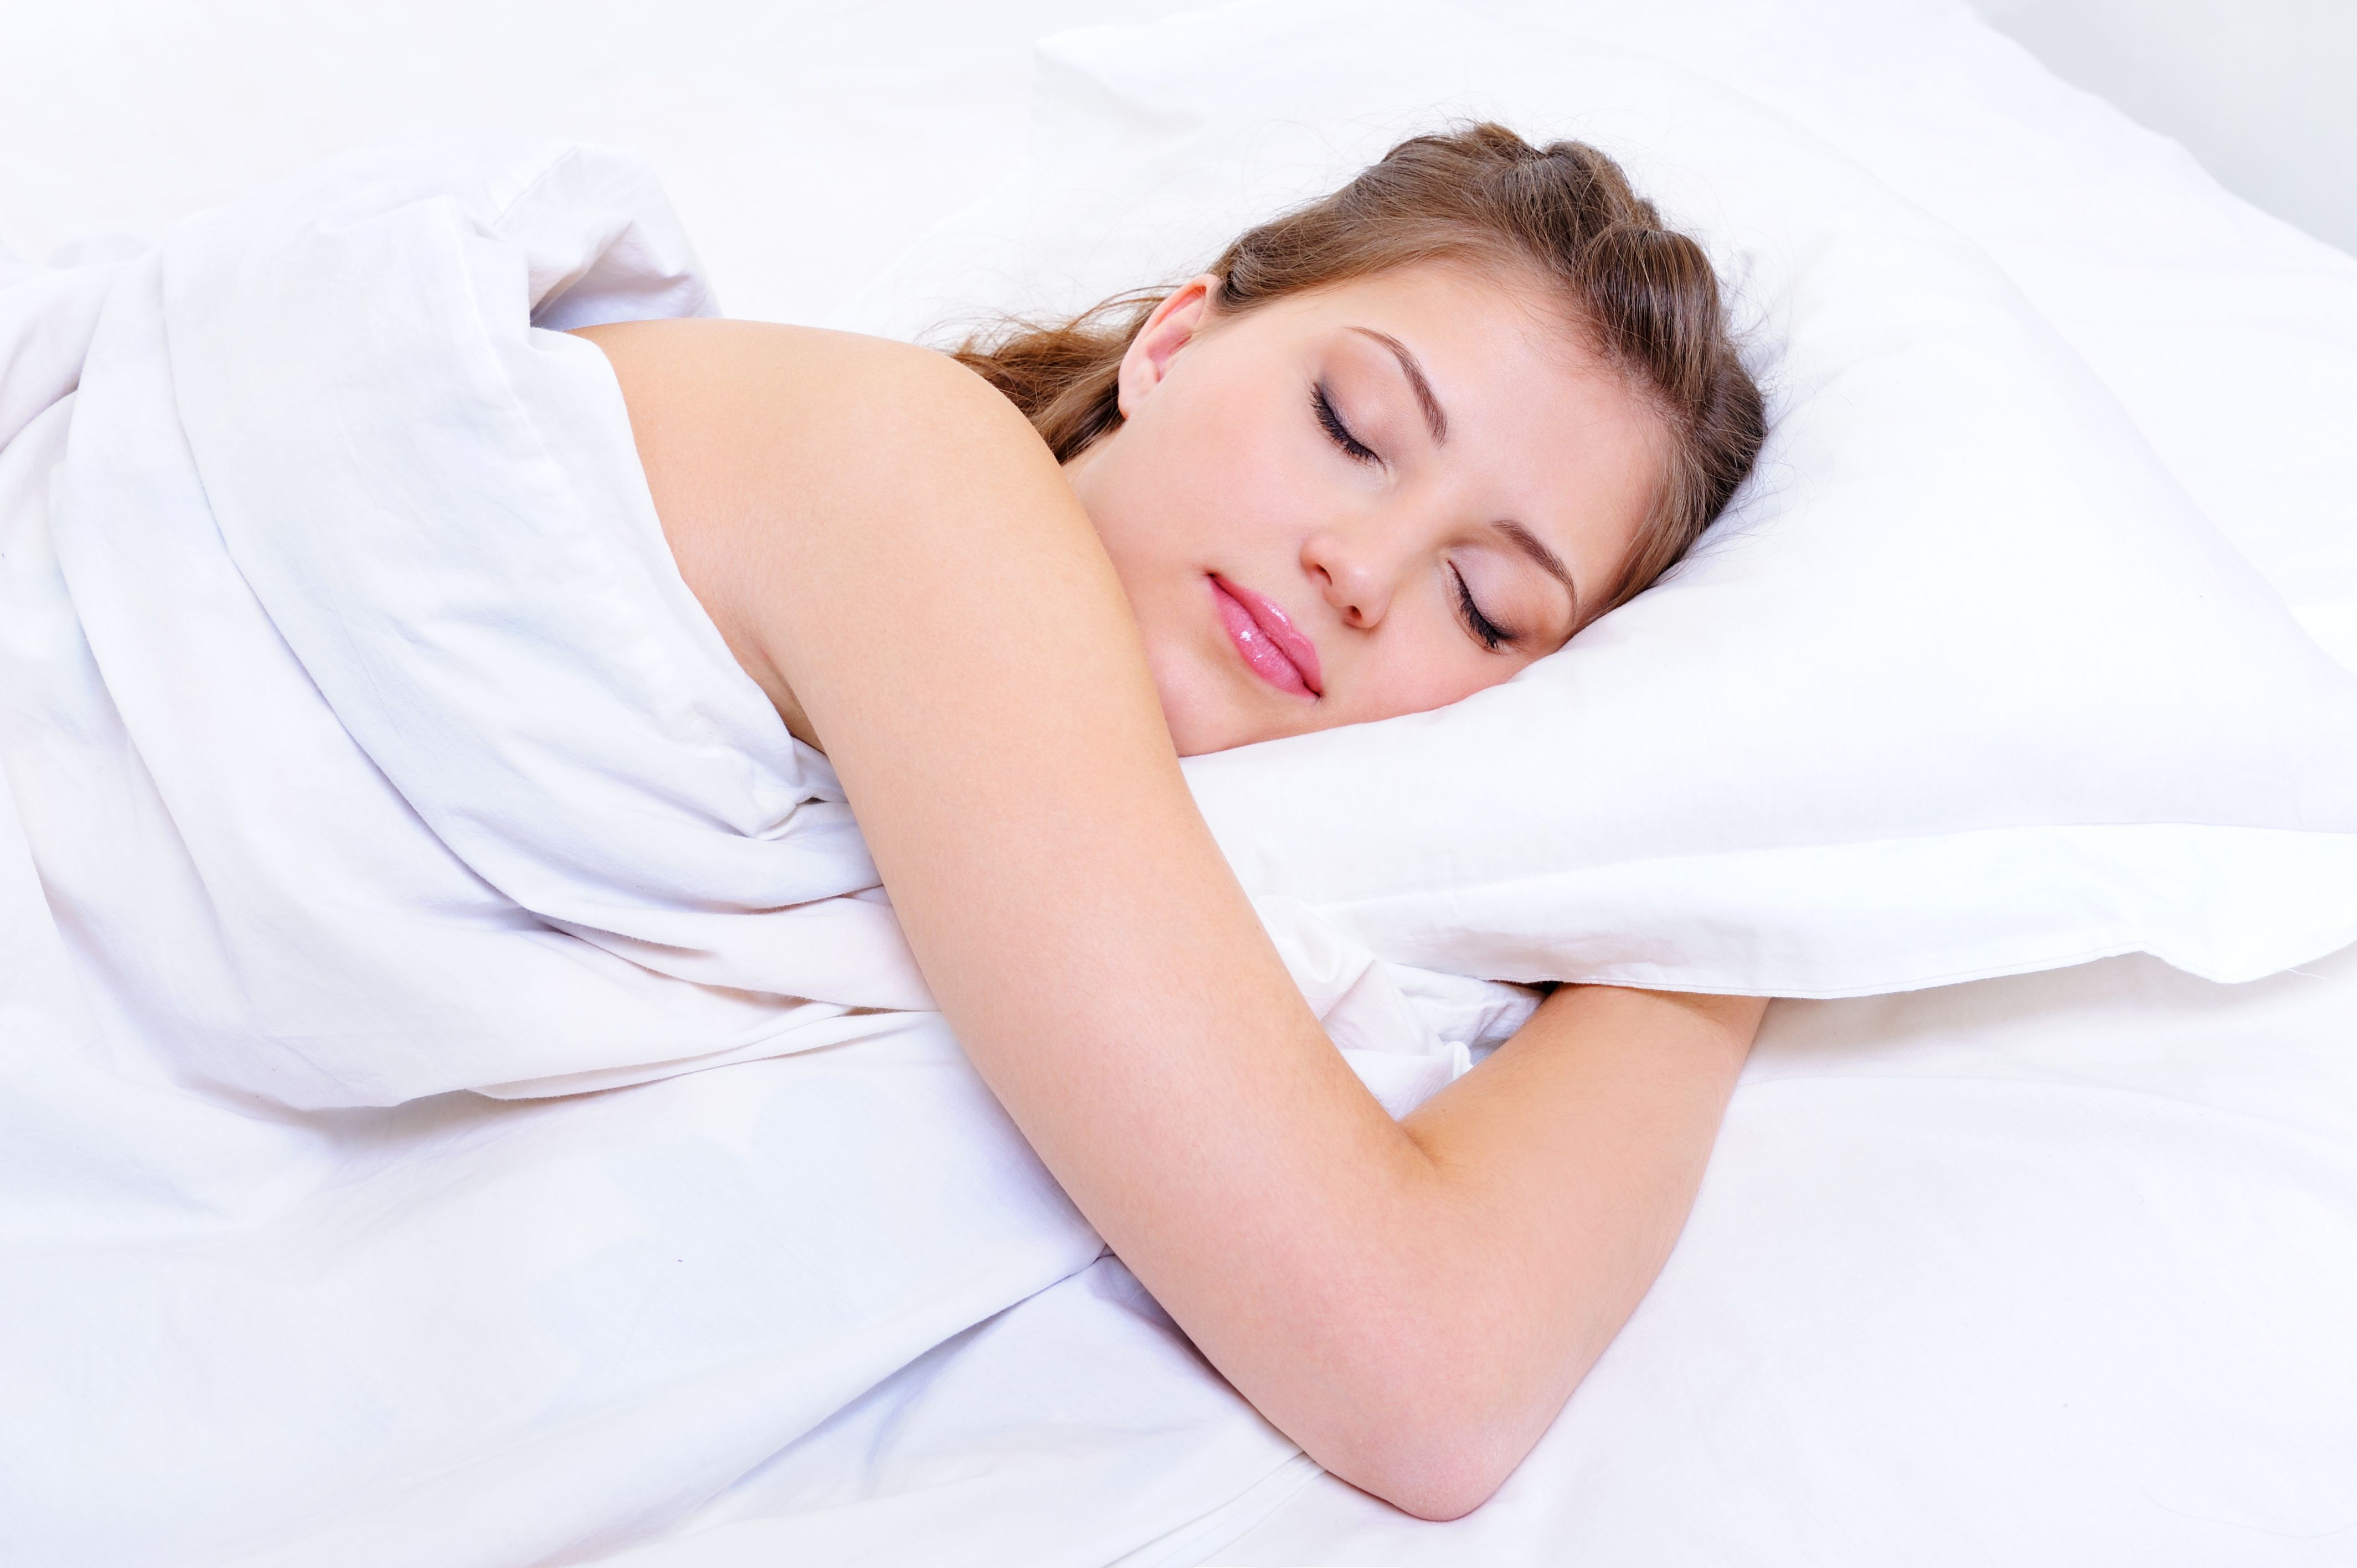 Benefícios de dormir sem roupa